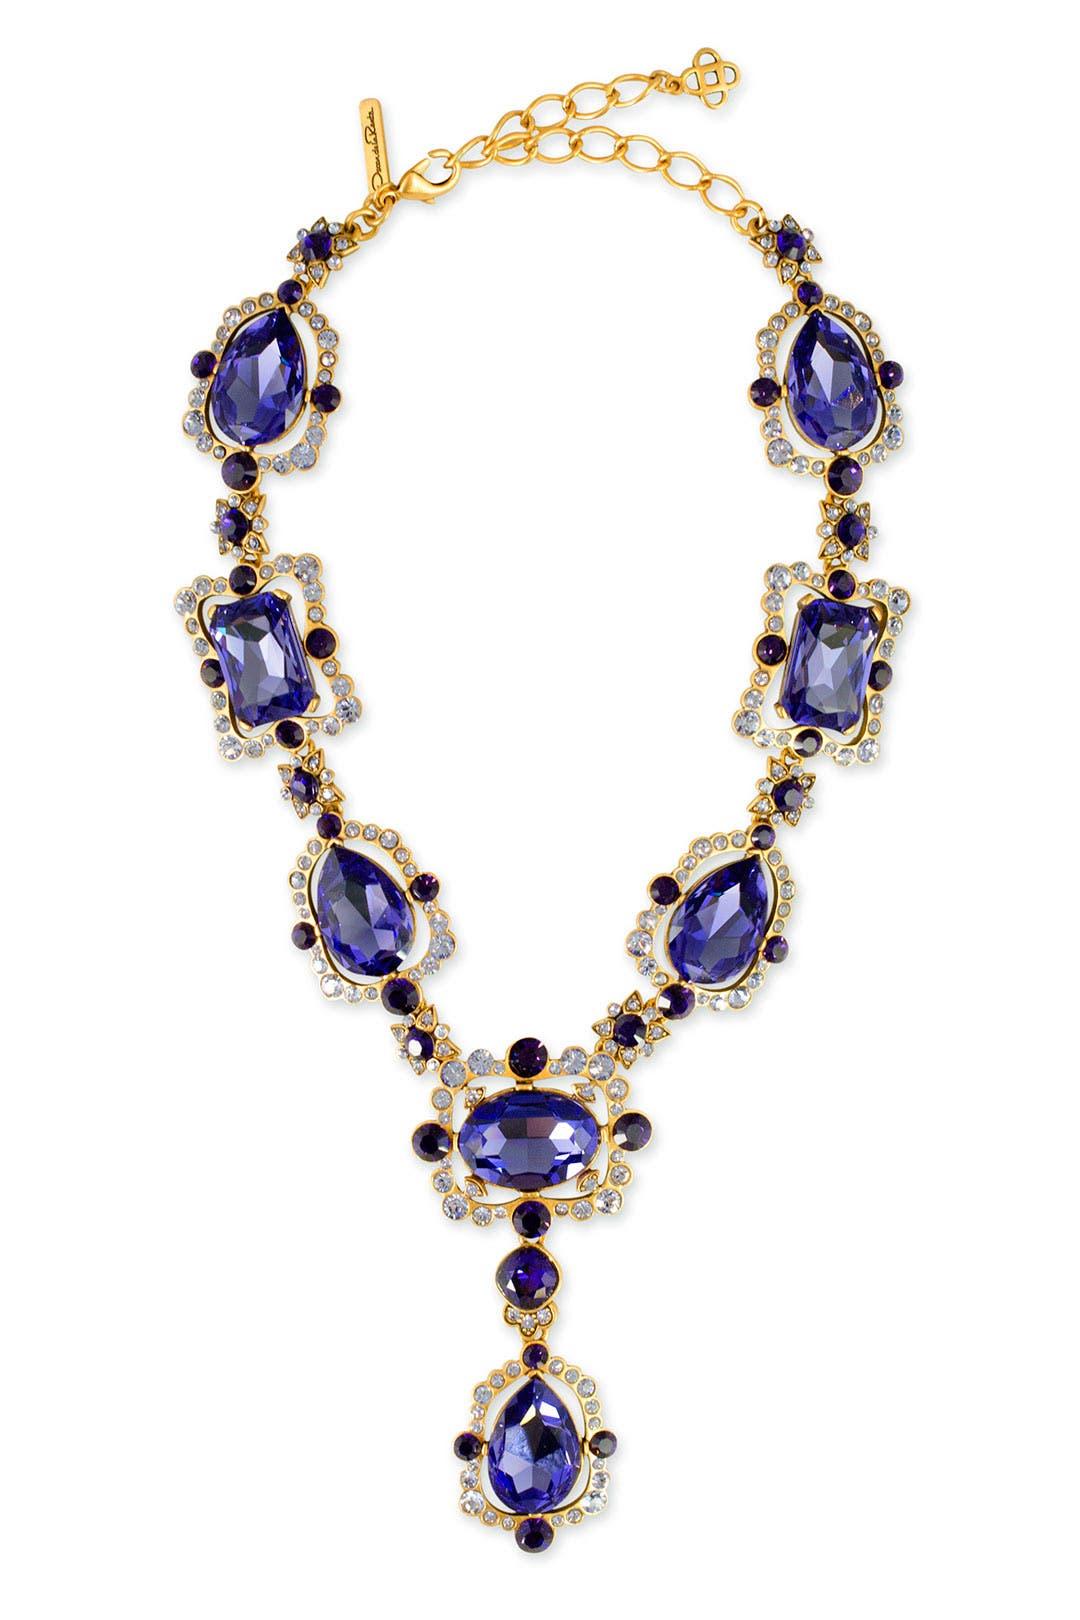 Aragon Amethyst Necklace by Oscar de la Renta